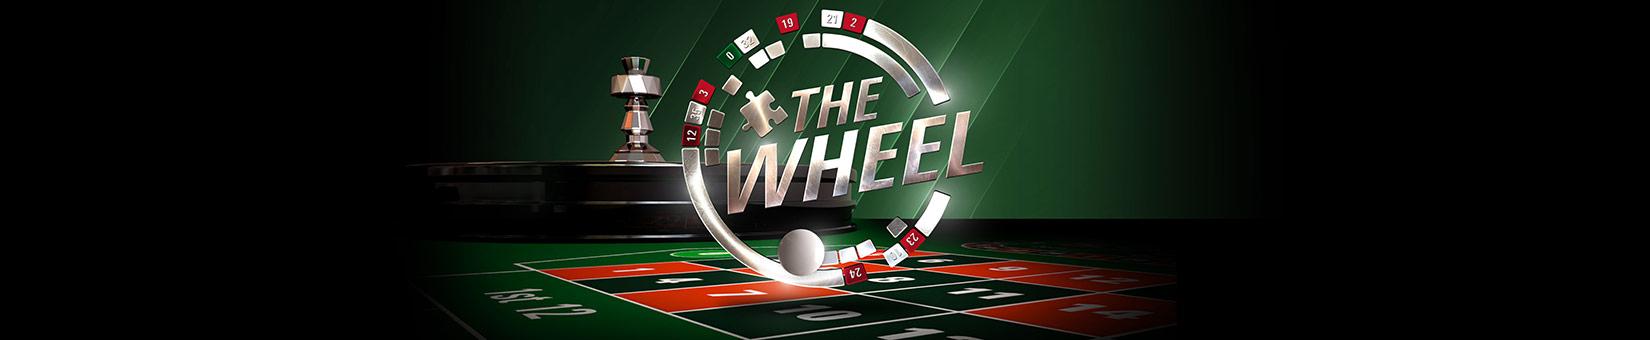 Juega a Rugby Star gratis bonos promociones de casinos 538235